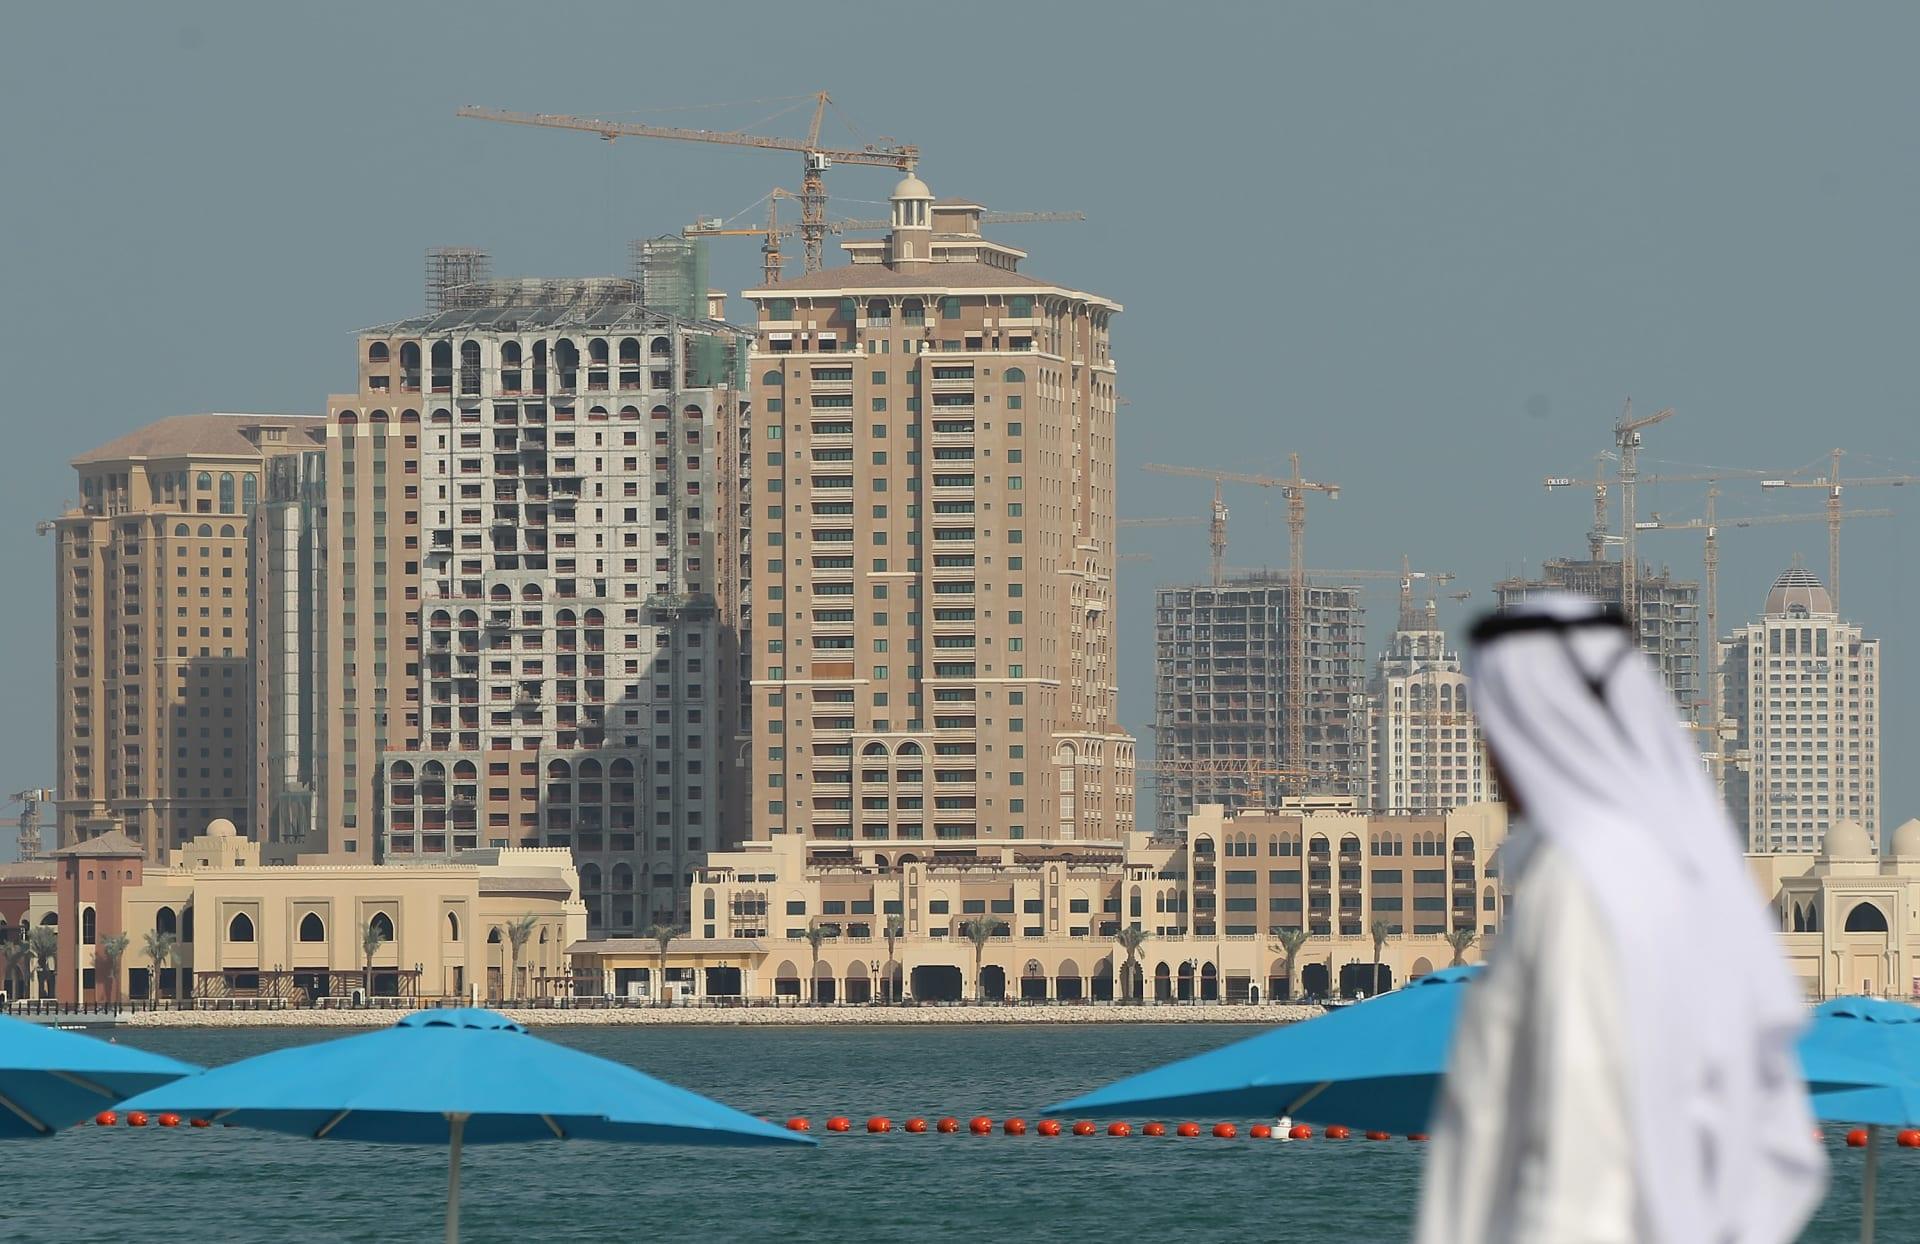 """وصفتها بـ""""الحملات الإعلامية"""".. قطر تهدد بمحاسبة مثيري النعرات """"الطائفية والقبلية"""""""